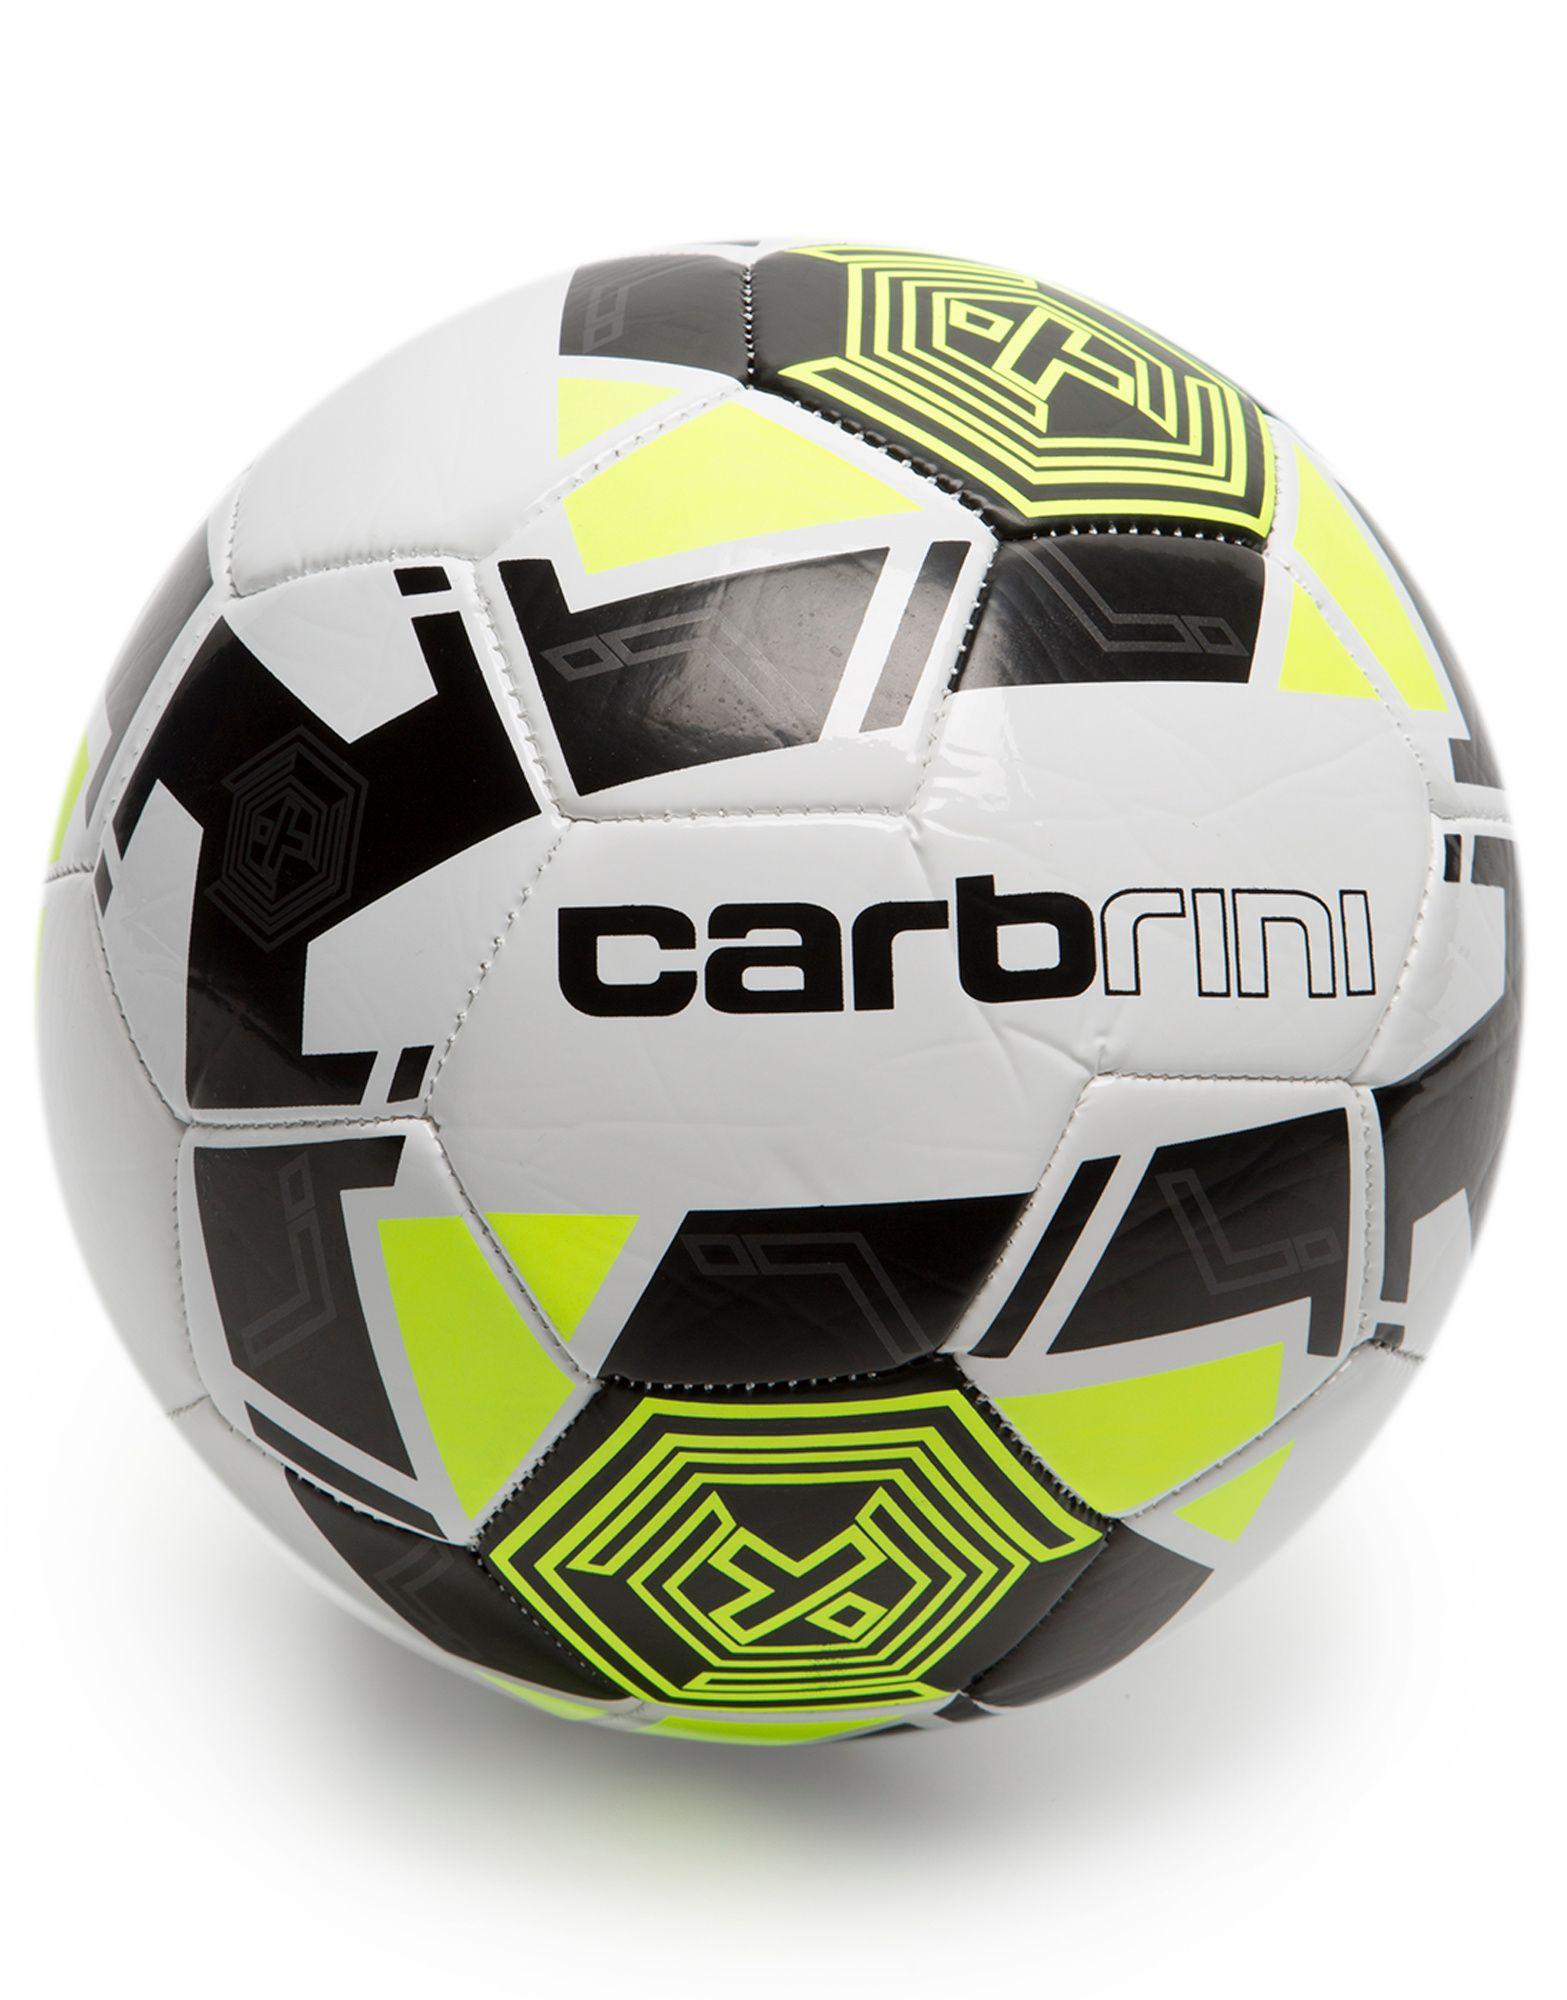 Carbrini Scorpion Football